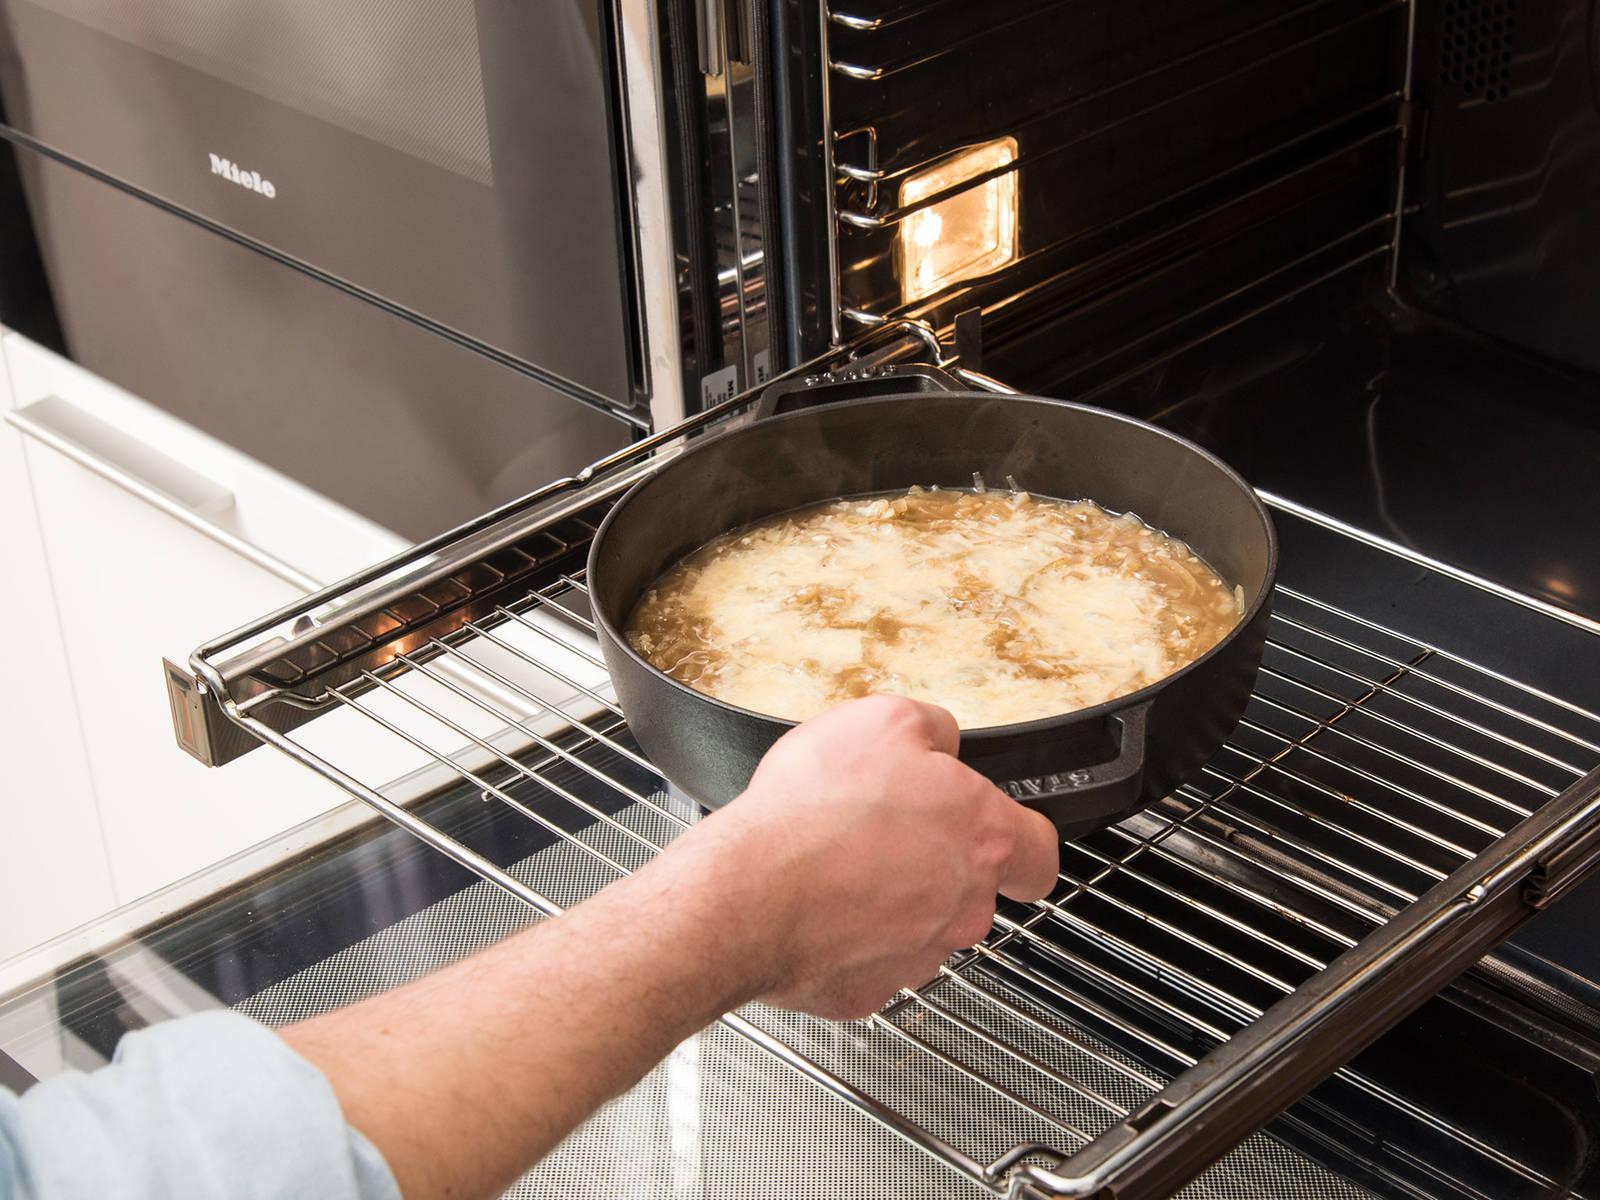 Backofen auf 200°C vorheizen. Die Suppe in einen großen ofenfesten Topf, vorzugsweise aus Gusseisen, füllen. Mit geriebenem Greyerzer bestreuen und ca. 10 Min. überbacken, oder bis der Käse geschmolzen ist.